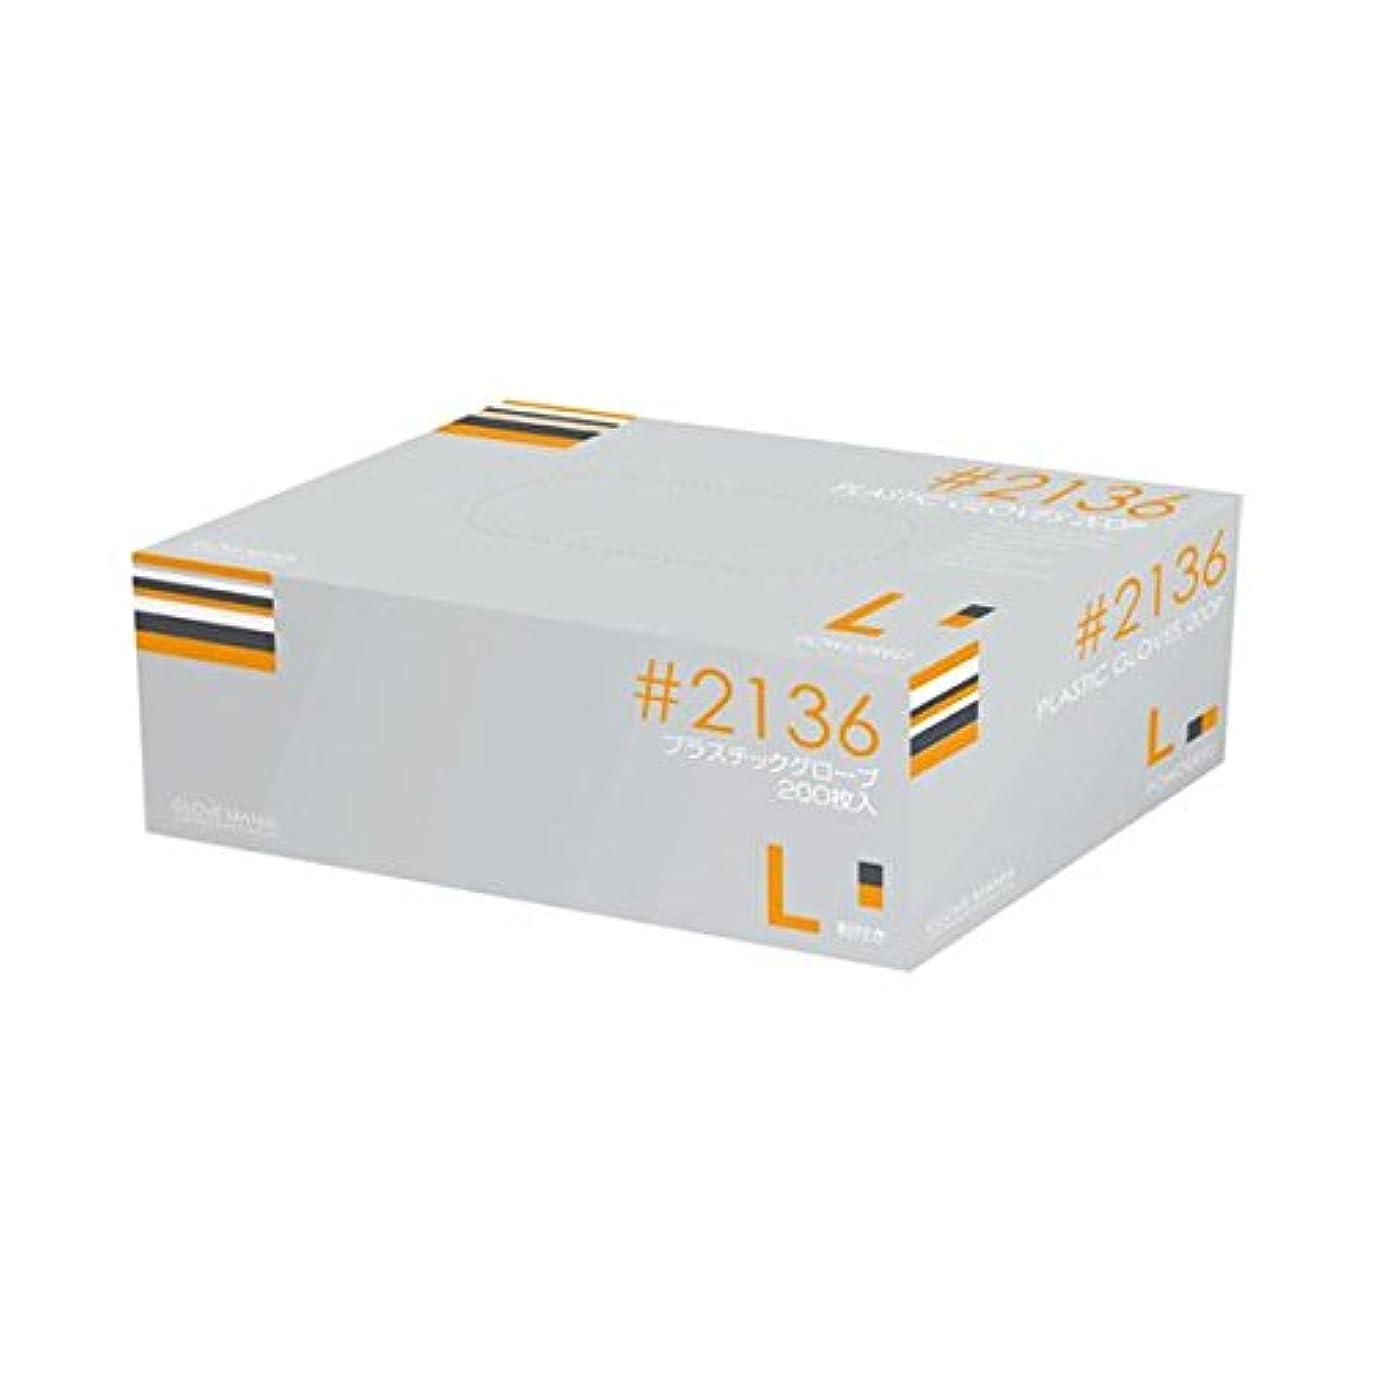 国民評価用量(業務用10セット) 川西工業 プラスティックグローブ #2136 L 粉付 ダイエット 健康 衛生用品 その他の衛生用品 14067381 [並行輸入品]